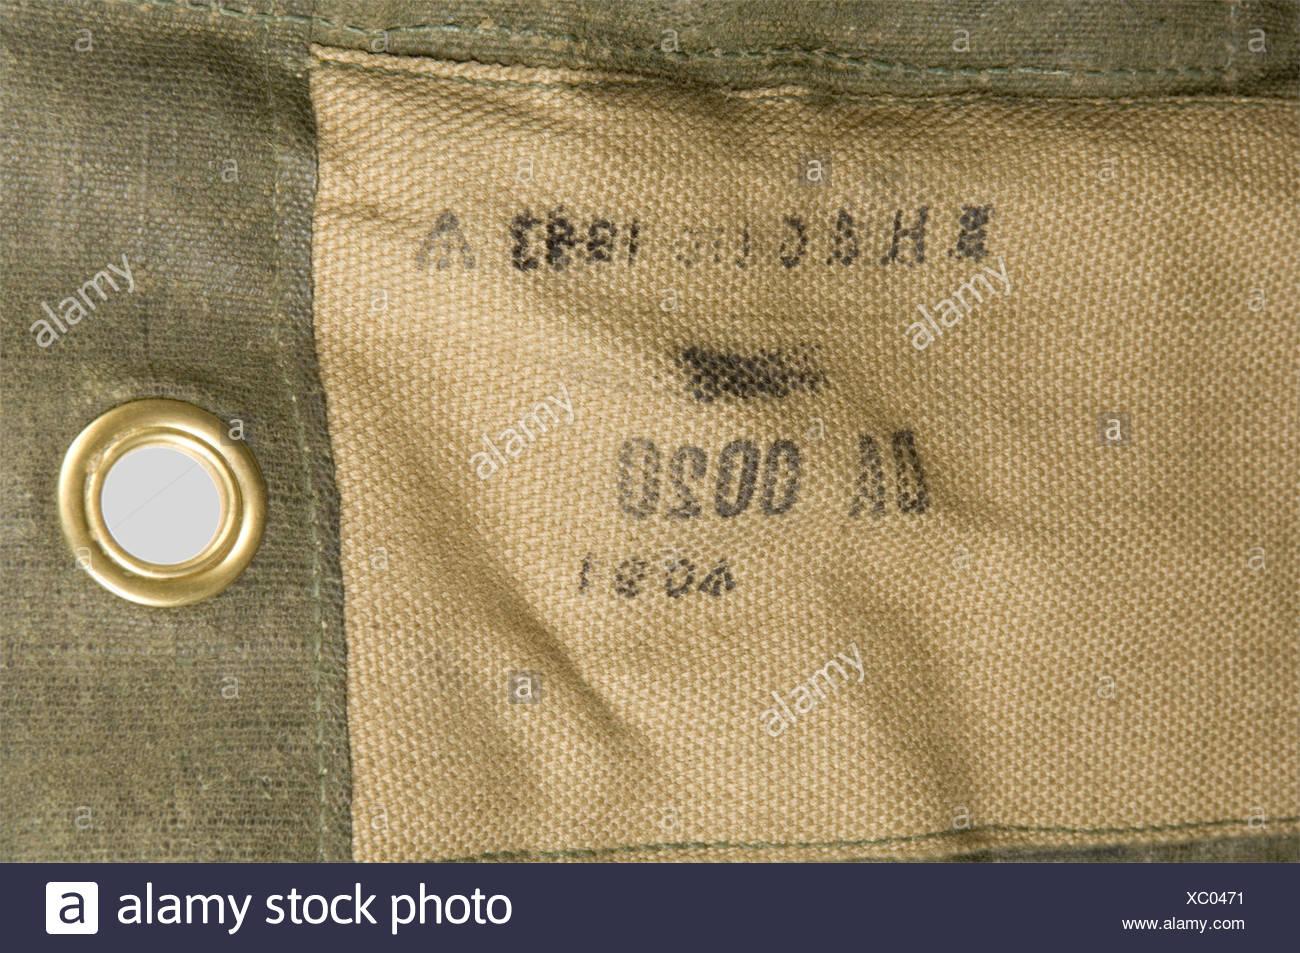 """Grande Bretagne Deuxième Guerre Mondiale, Rare """"Leg Bag"""" de Parachutiste Anglais, en toile renforcée verte, renforcé en tissu de toile beige, sangle de laçage avec poignée coulissante et système de fixation au harnais. Daté 1943., , Stock Photo"""